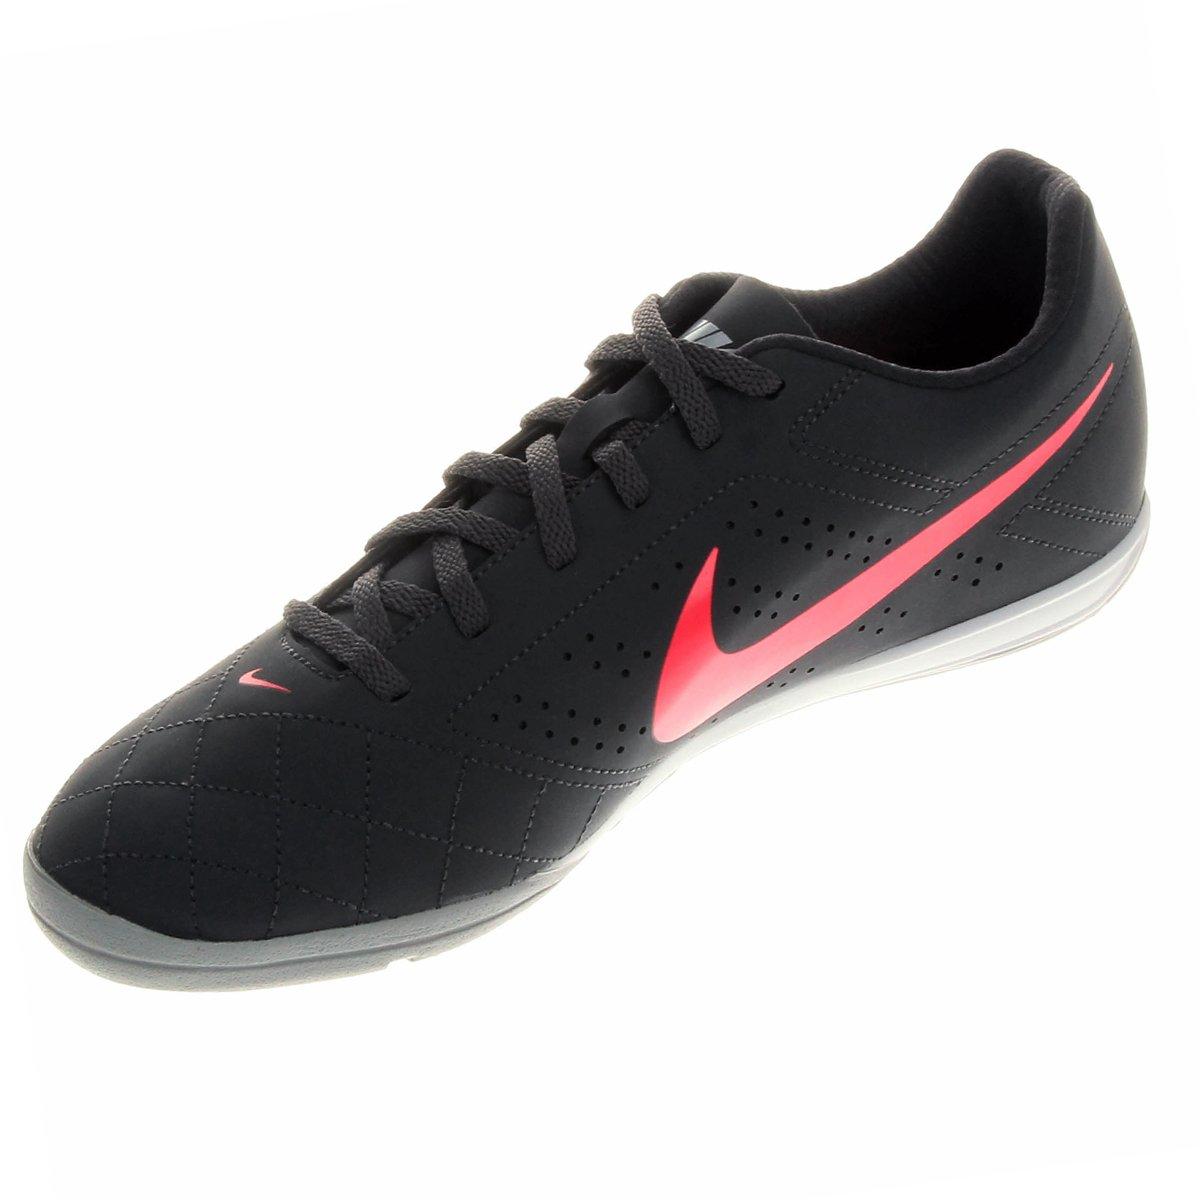 Chuteira Futsal Nike Beco 2 Futsal - Chumbo e Rosa - Compre Agora ... fc33f56aedcd5